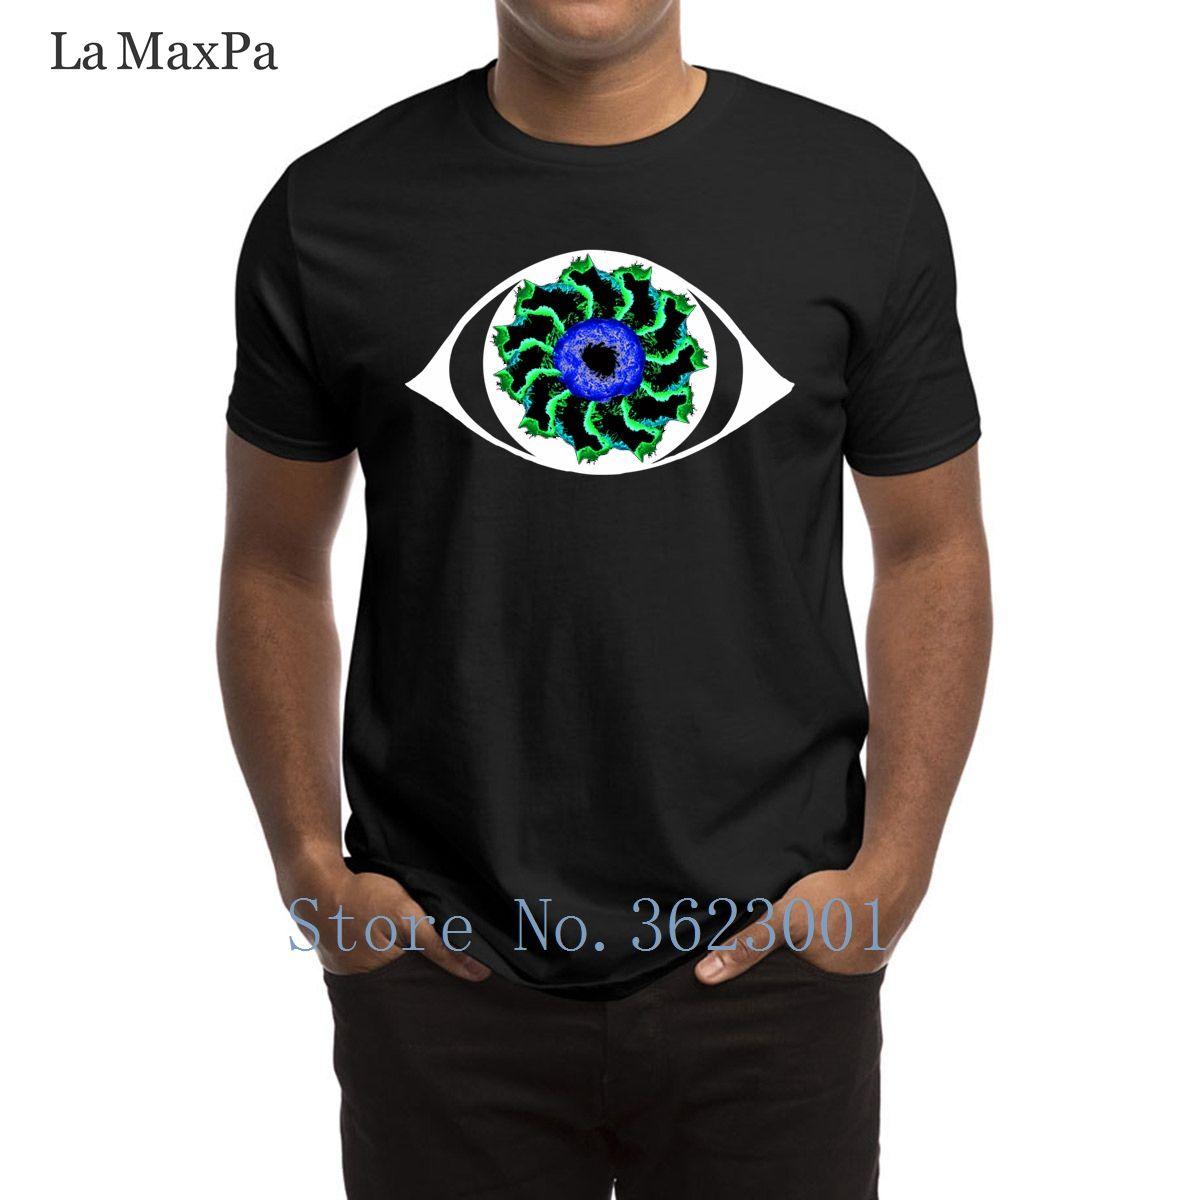 Печать семья мужская футболка глаза футболки Китти футболки фирменные Мужские рубашки повседневные футболка размер S-размер 3XL футболка мужская футболка топ